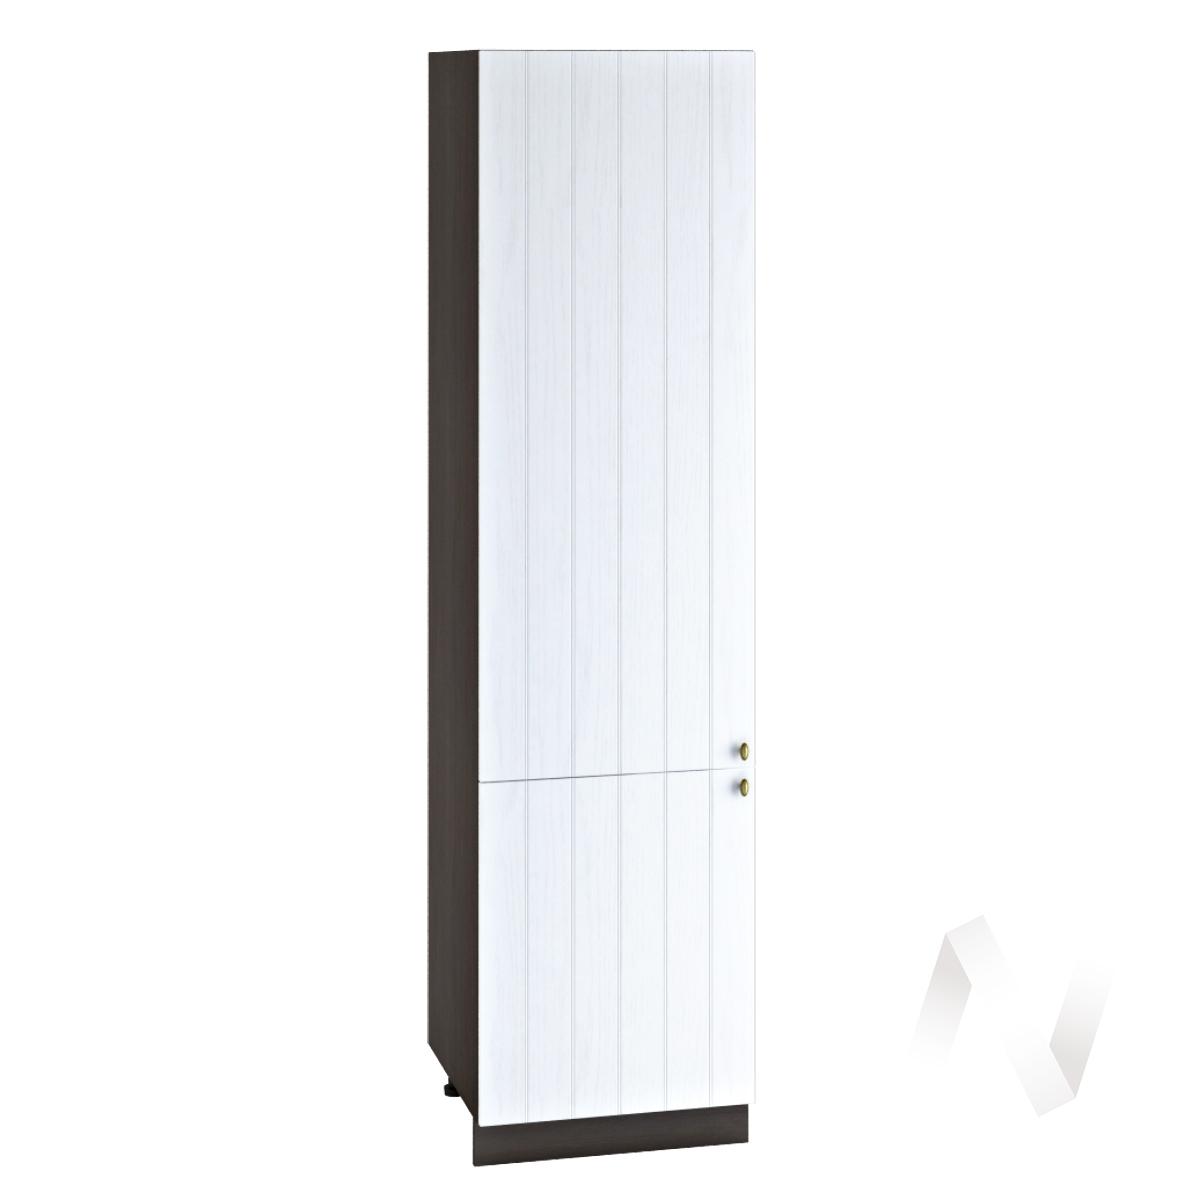 """Кухня """"Прованс"""": Шкаф пенал 600, ШП 600НМ (белое дерево/корпус венге)"""